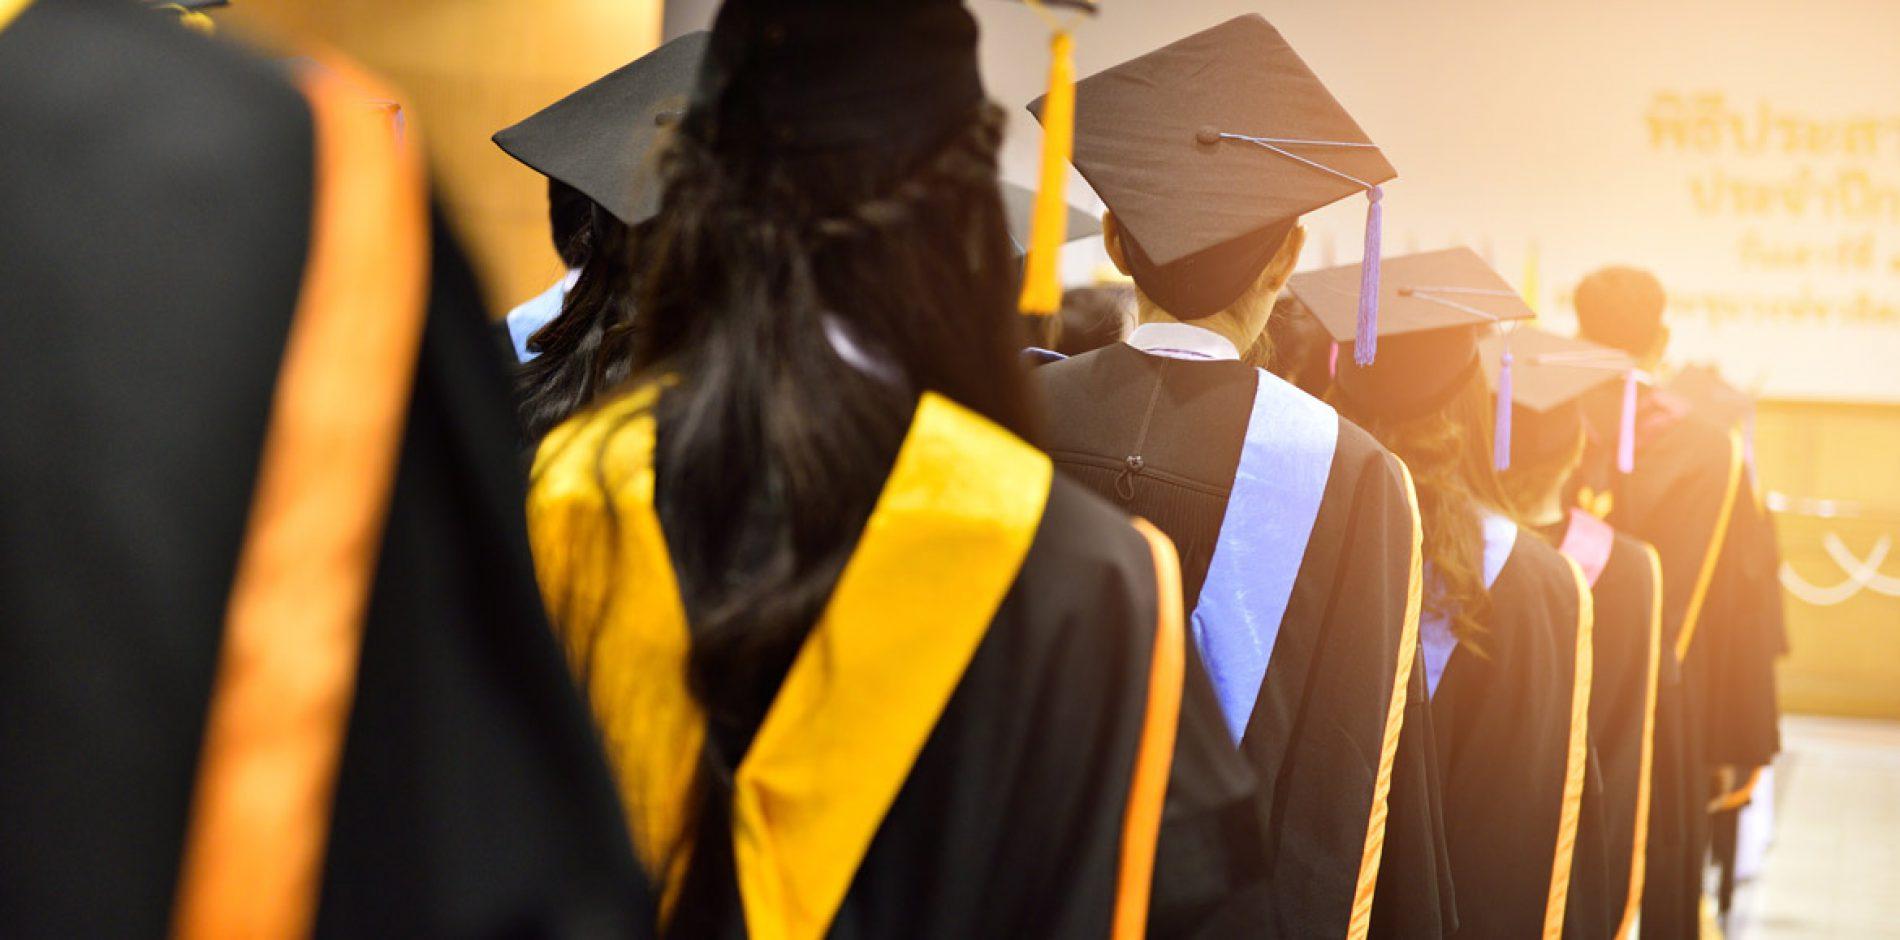 Le indicazioni per i controlli sulle assunzioni dei laureati eccellenti [E.Massi]